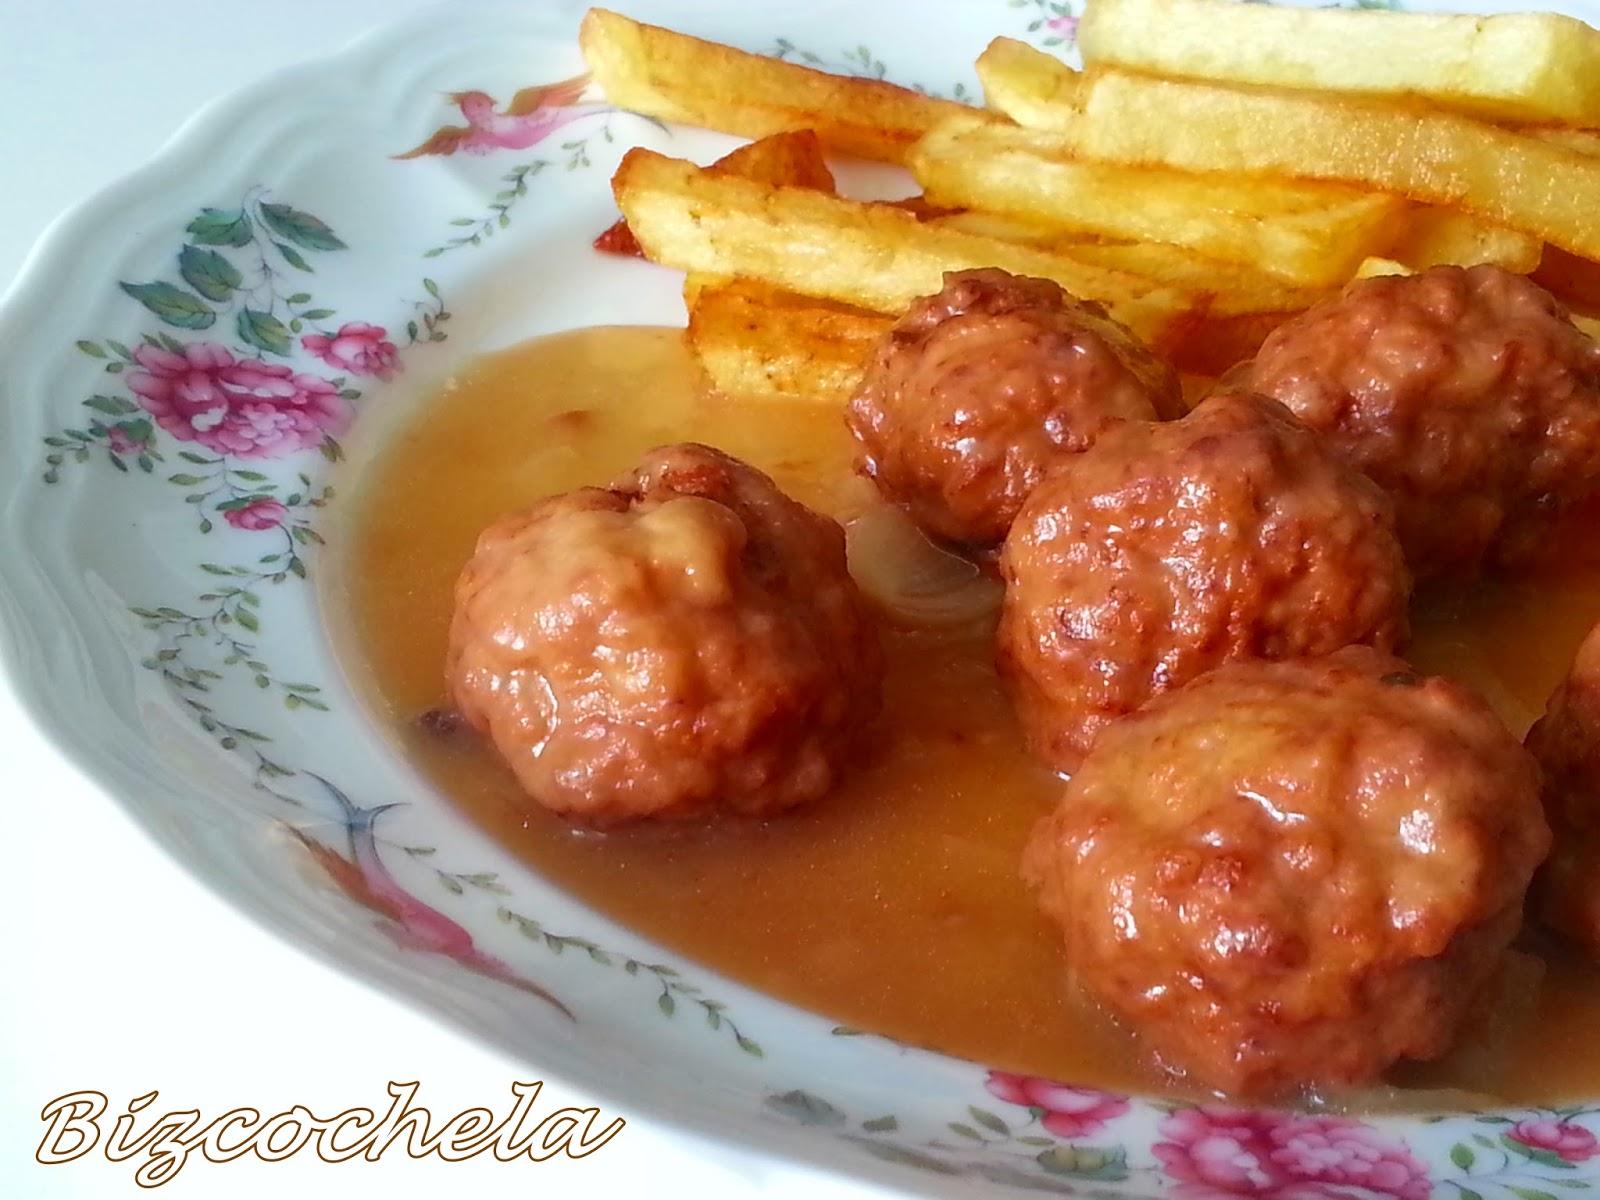 Recetas y a cocinar se ha dicho alb ndigas en salsa - Acompanamiento para albondigas ...